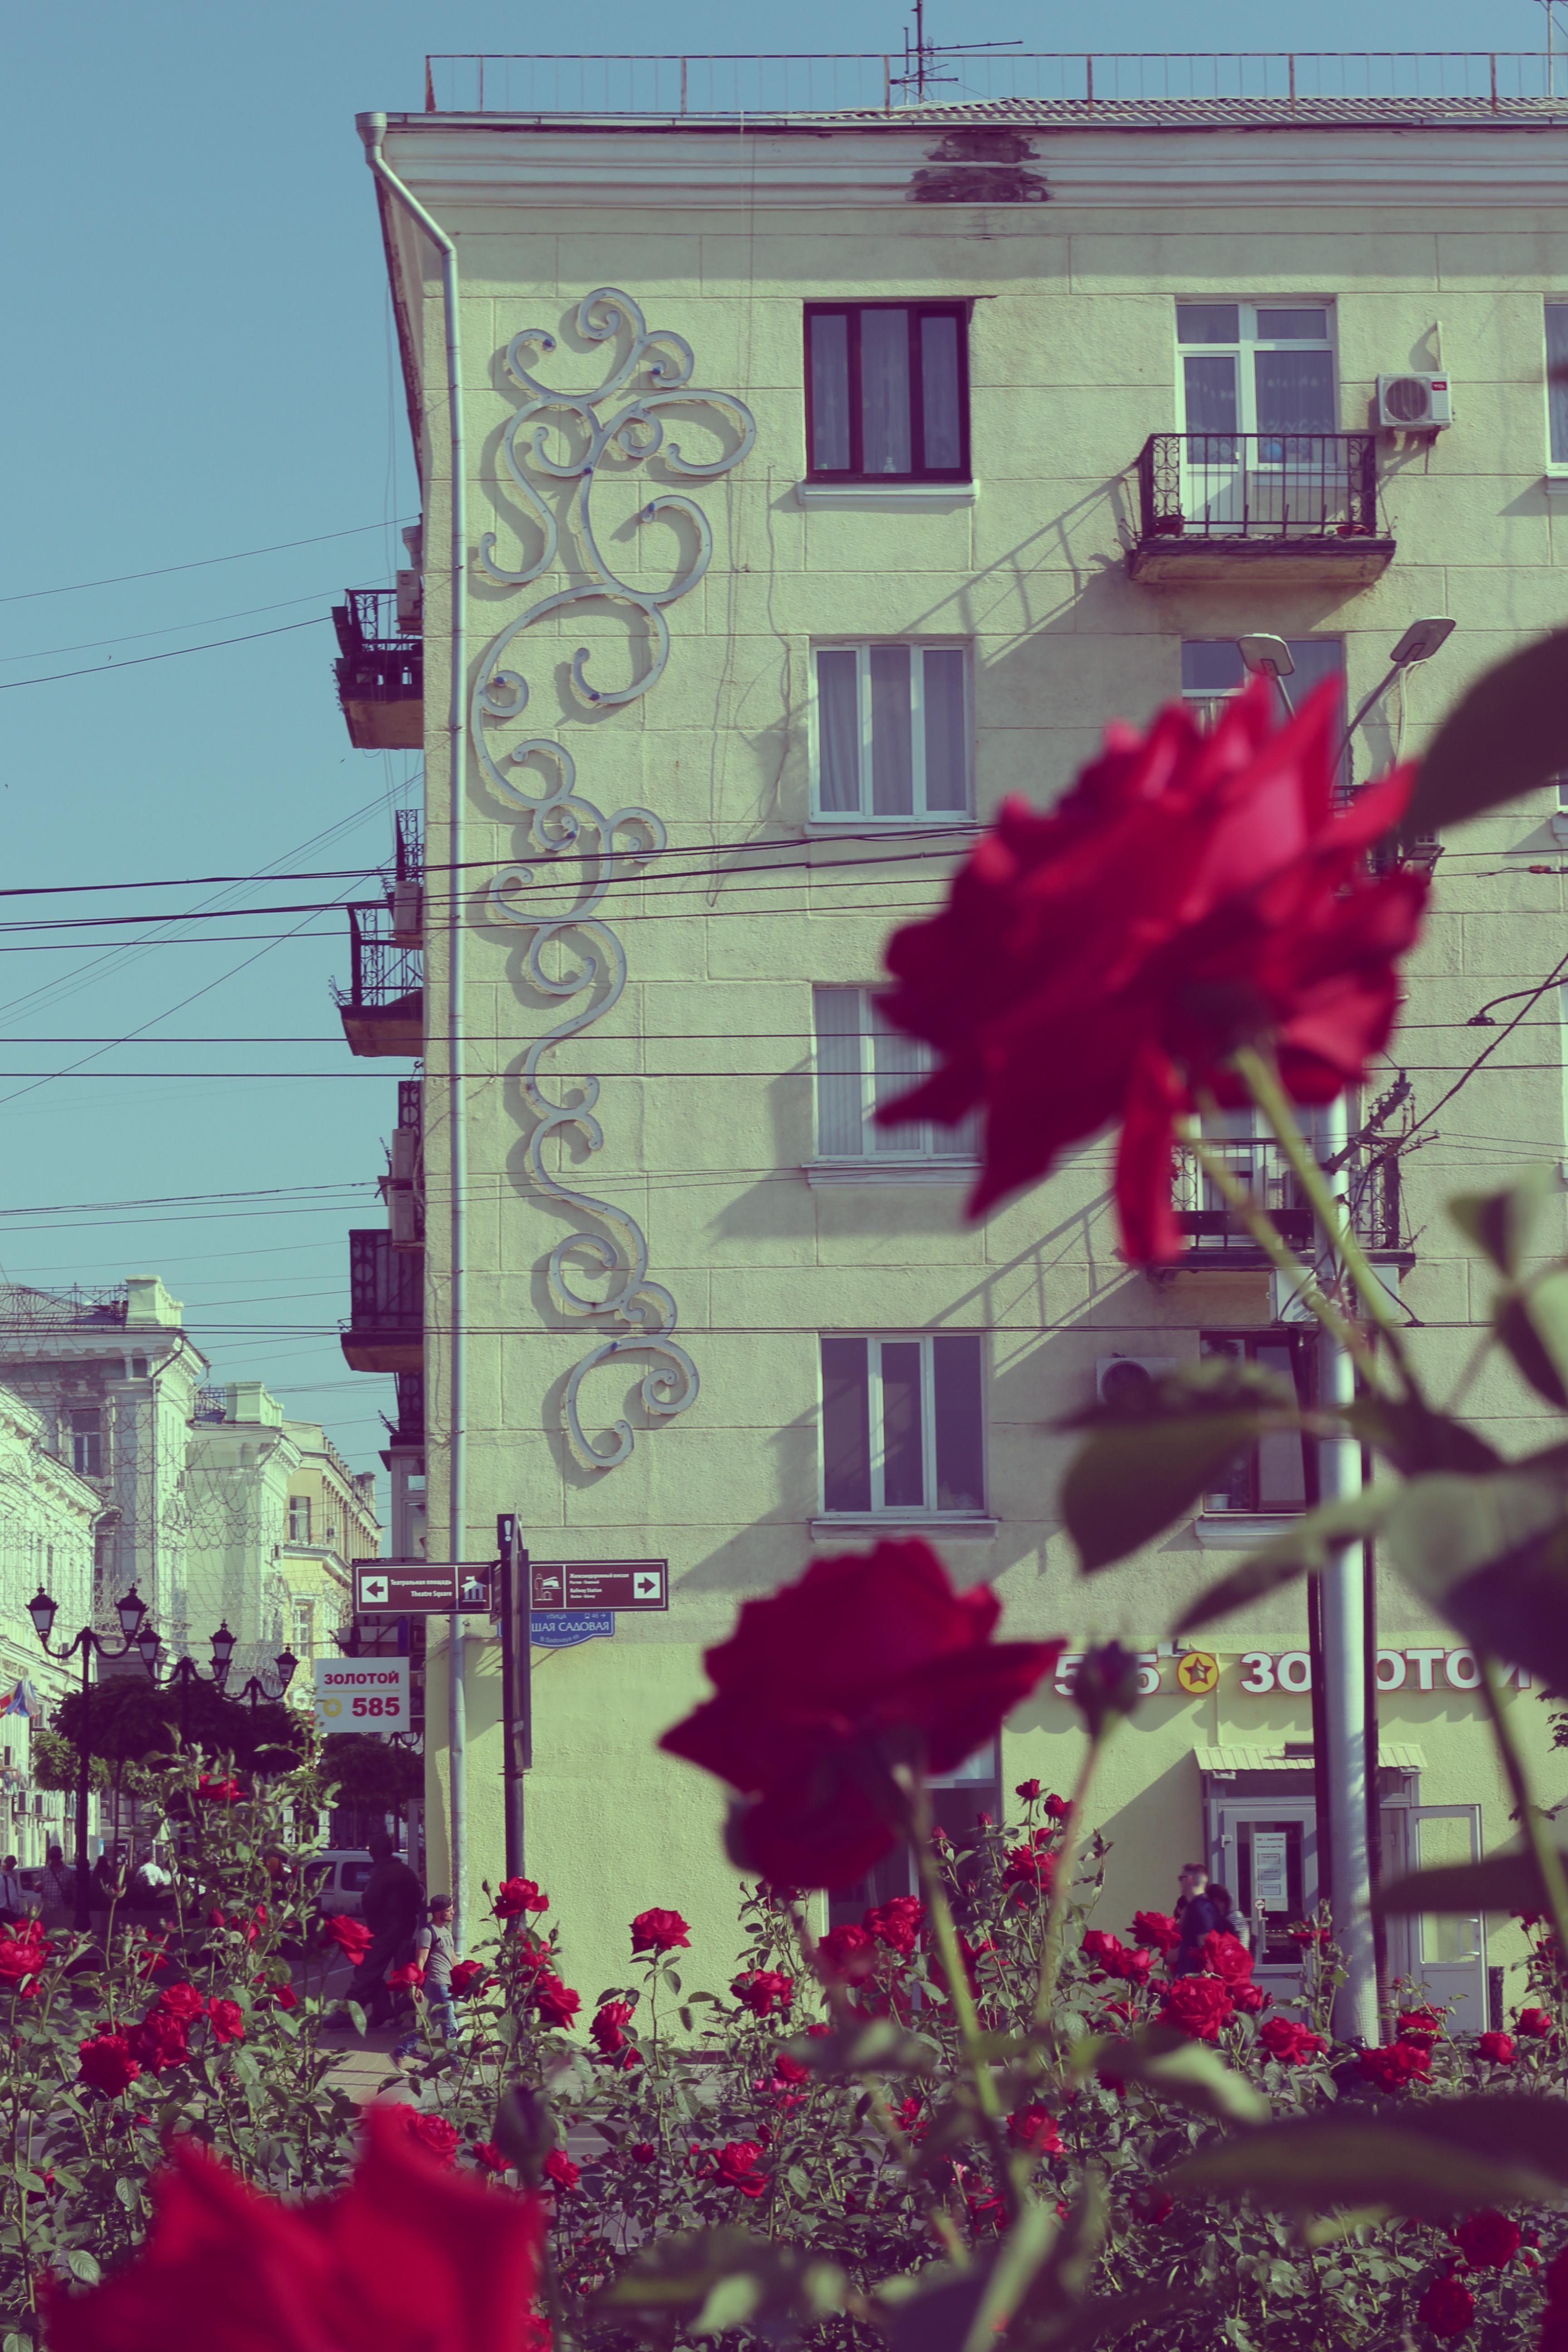 Memories of Summer